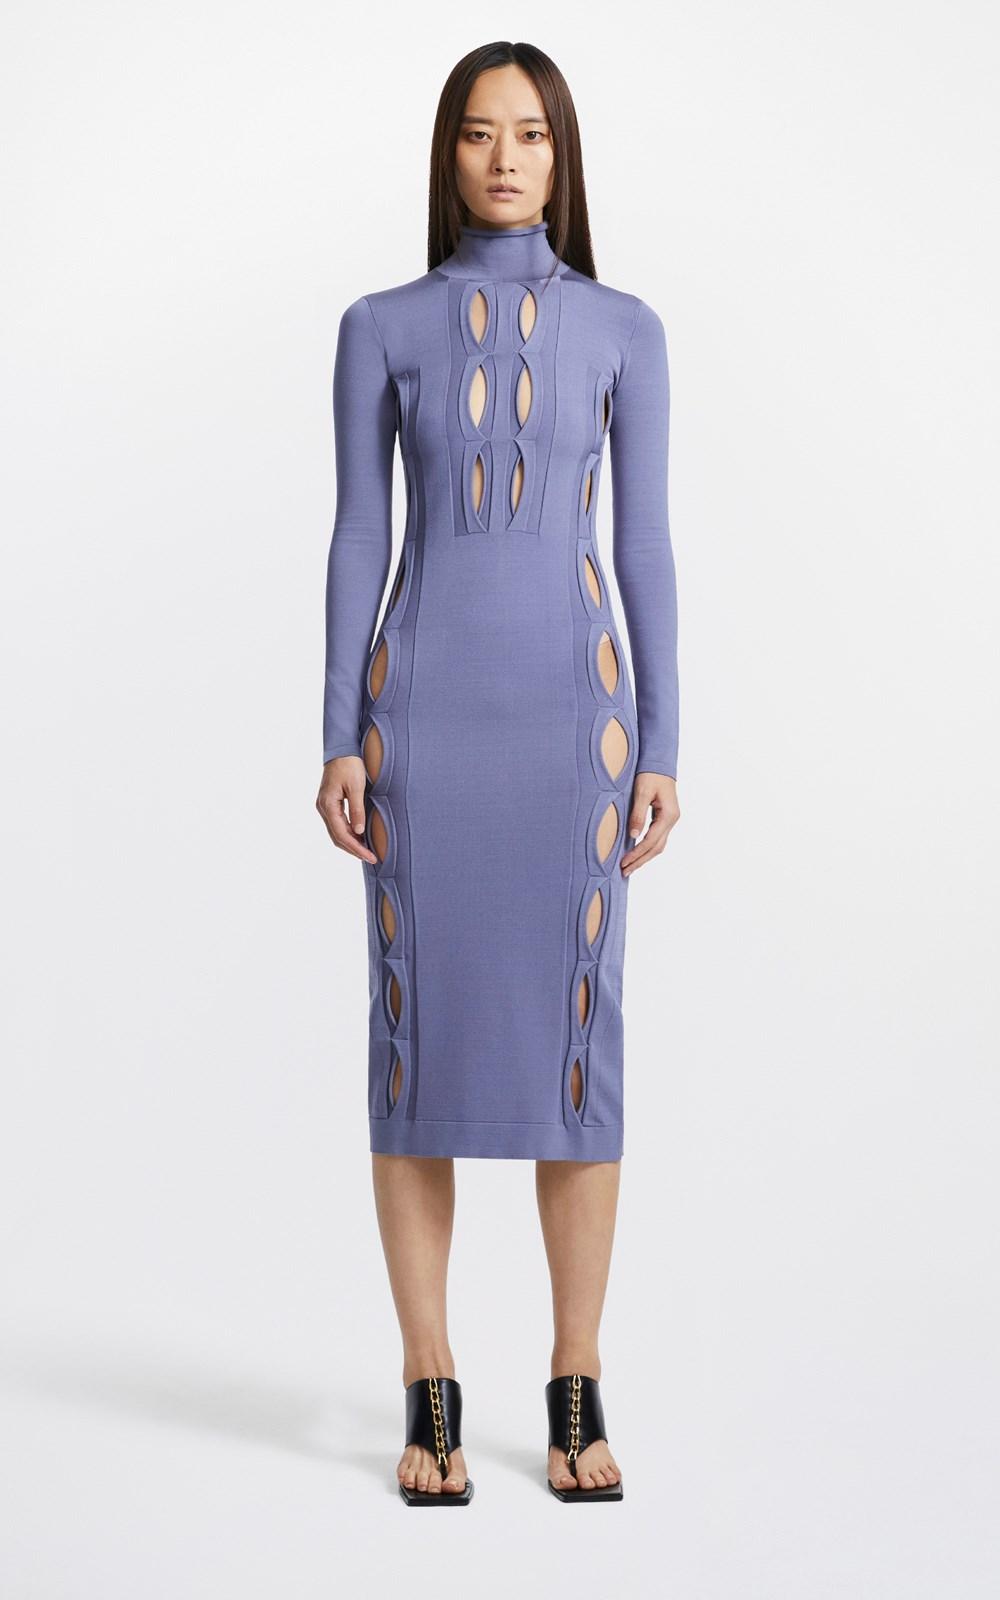 Knitwear | DOUBLE HOSIERY DRESS